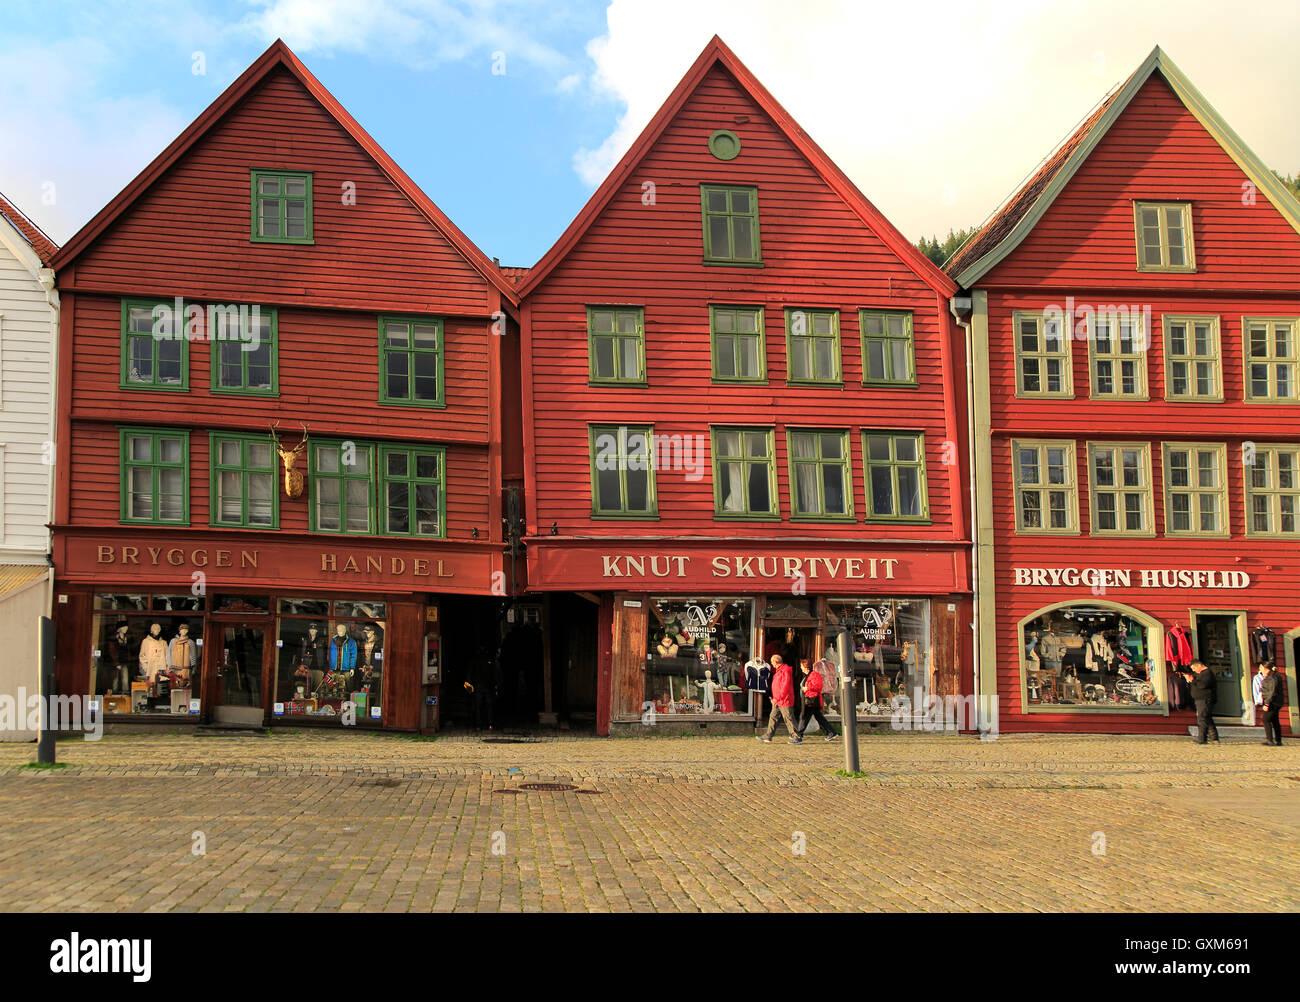 Historic Hanseatic League wooden buildings Bryggen area, Bergen, Norway UNESCO World Cultural Heritage site Stock Photo